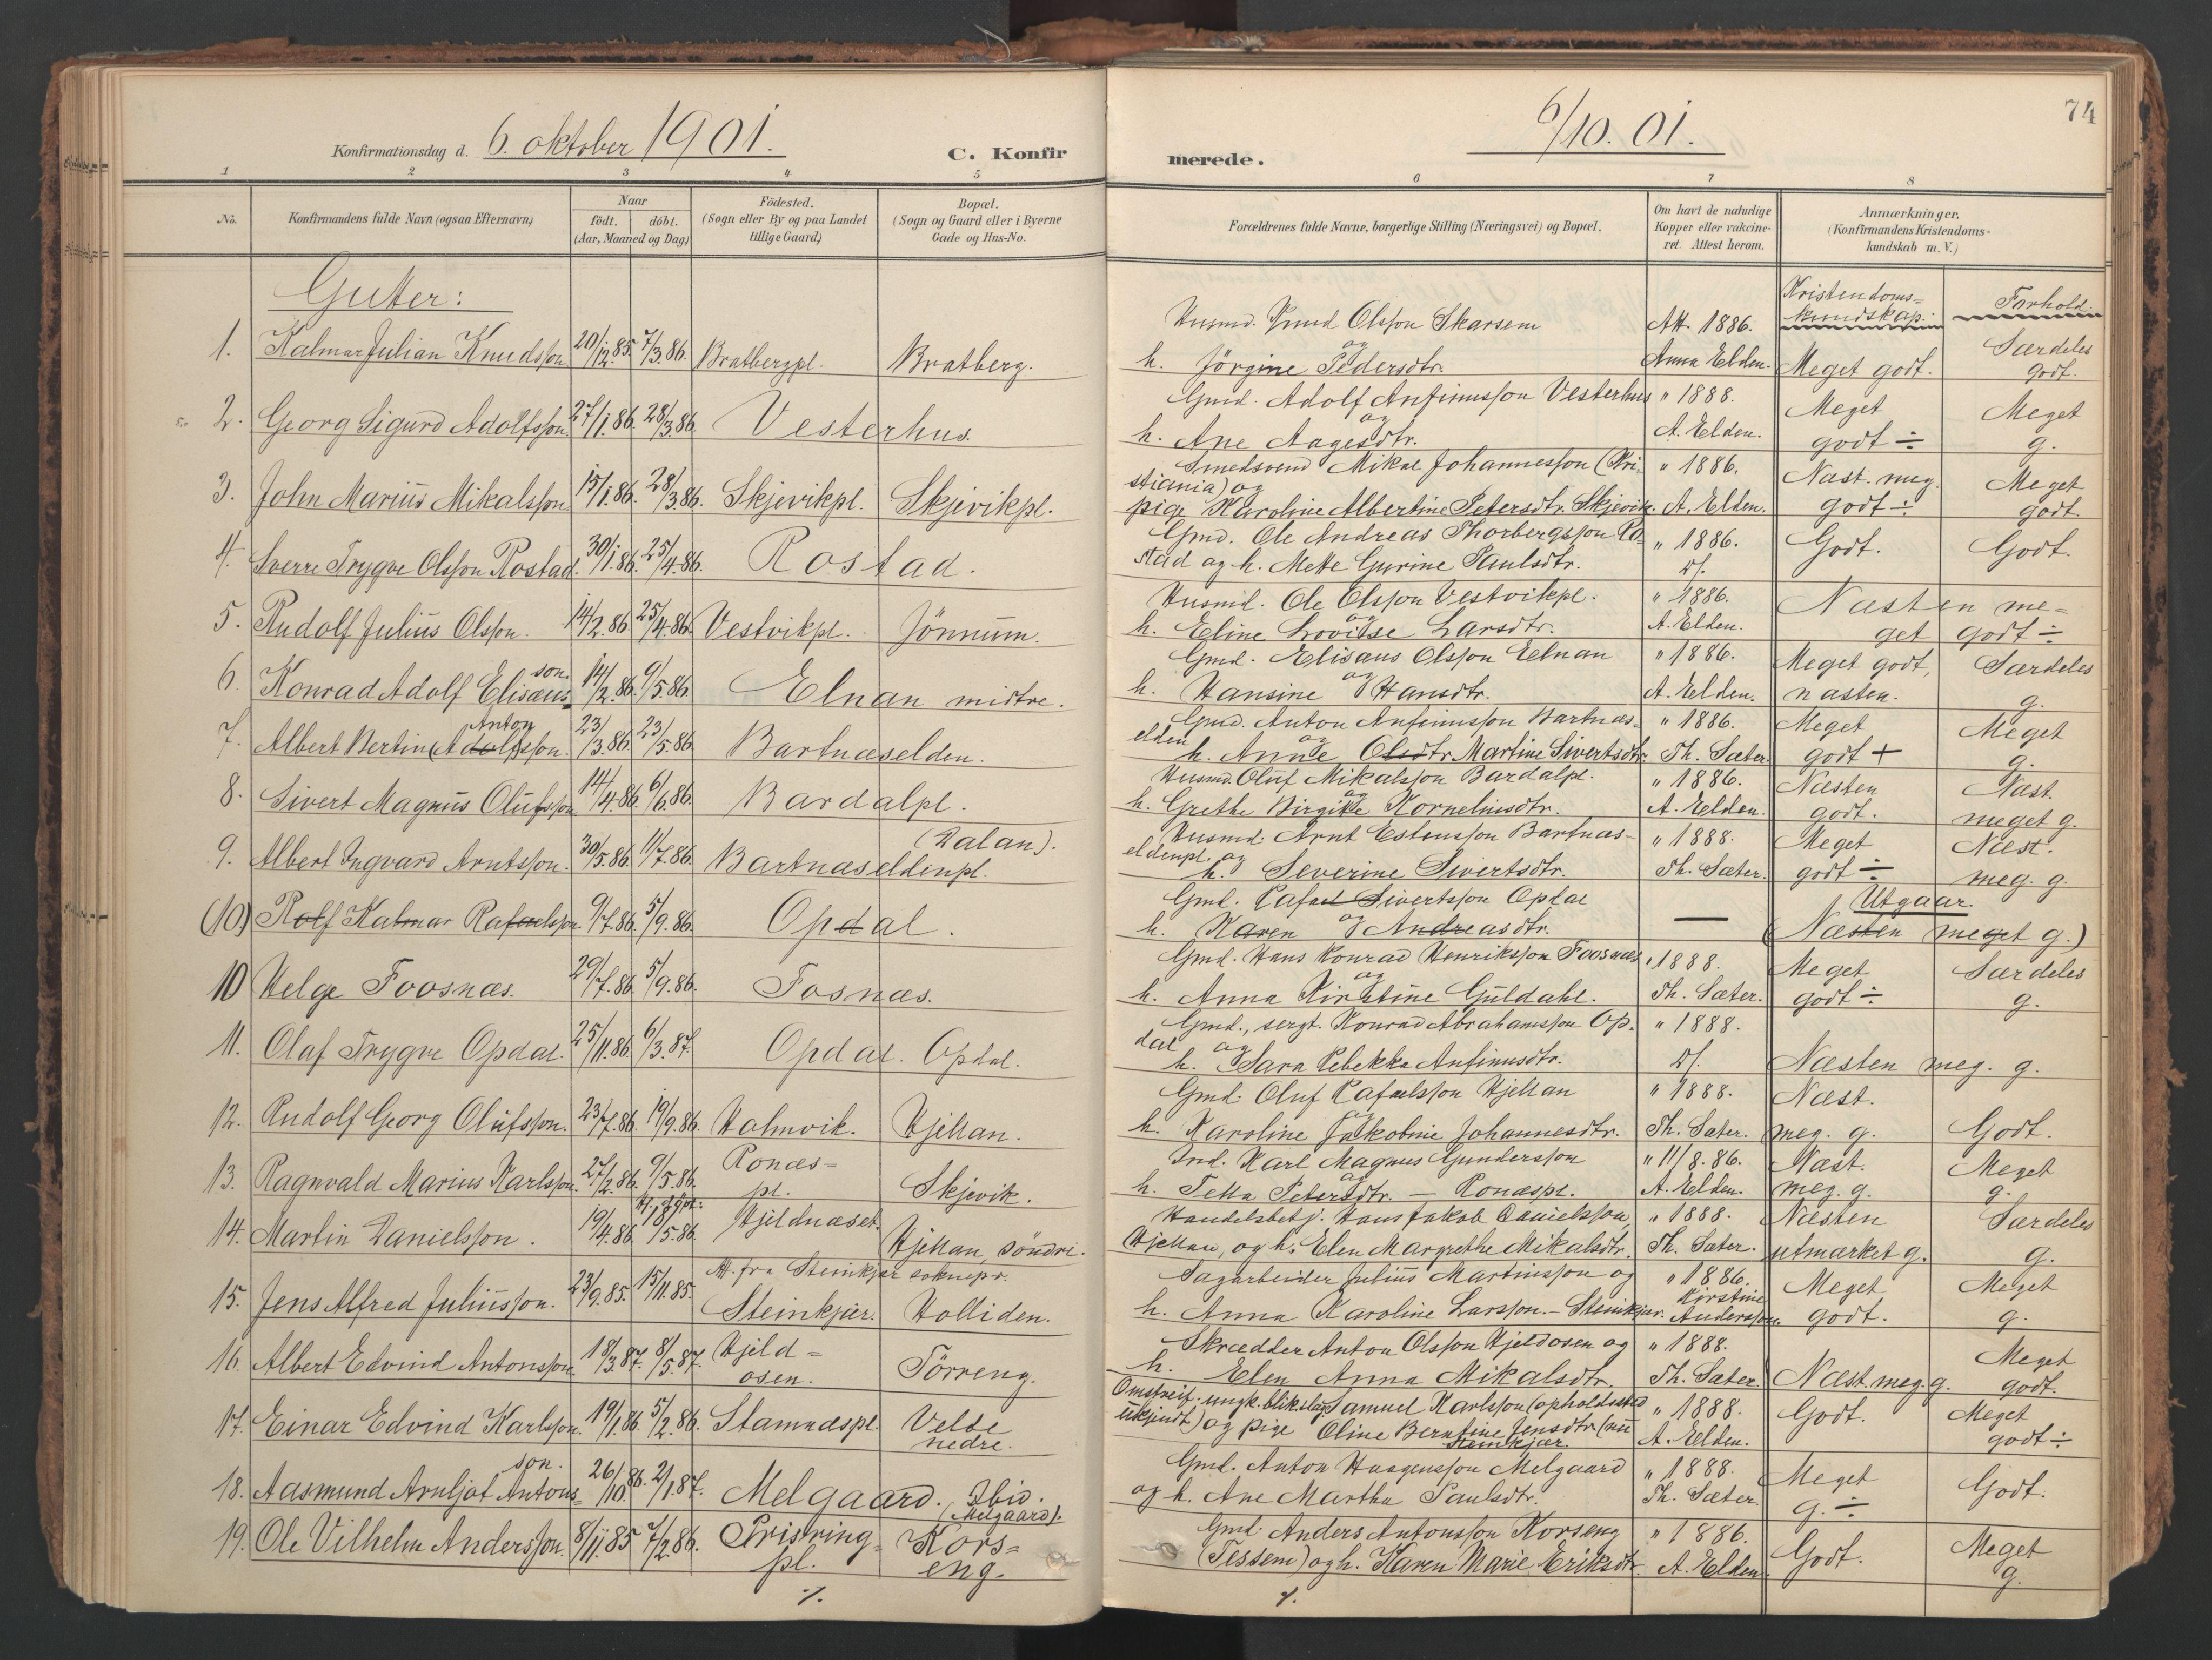 SAT, Ministerialprotokoller, klokkerbøker og fødselsregistre - Nord-Trøndelag, 741/L0397: Ministerialbok nr. 741A11, 1901-1911, s. 74